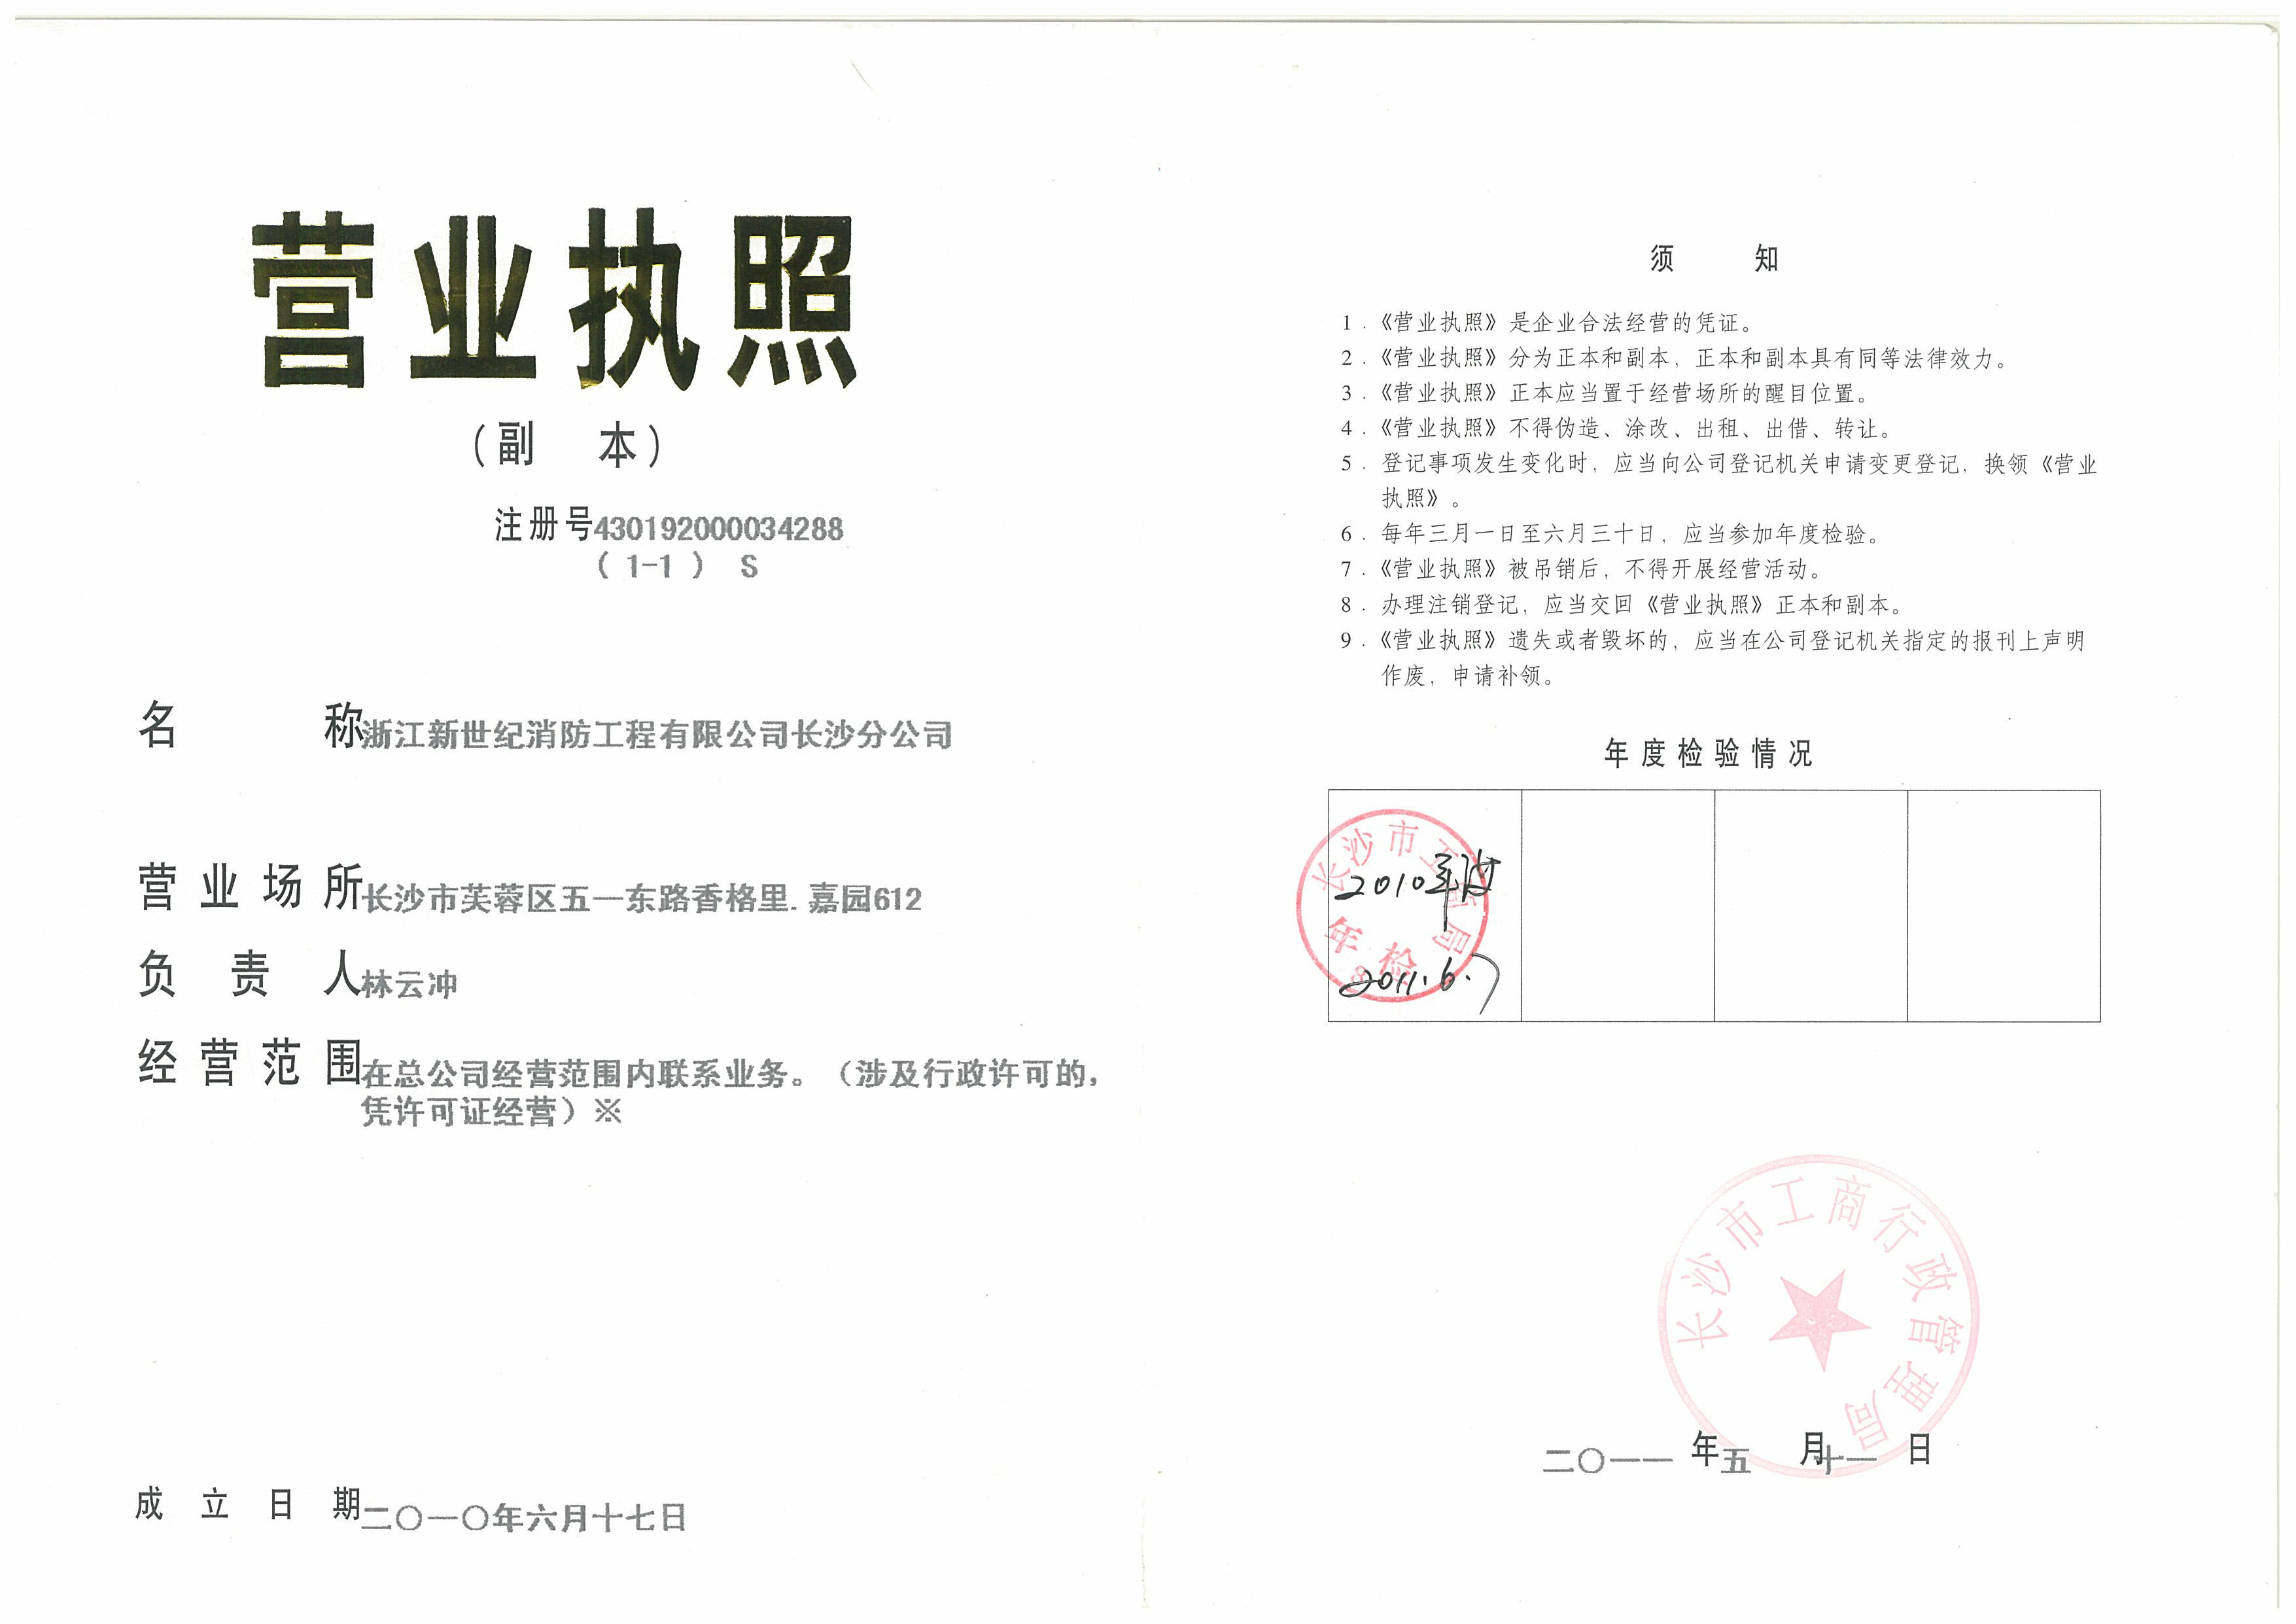 浙江新世纪控股发展有限公司长沙分公司